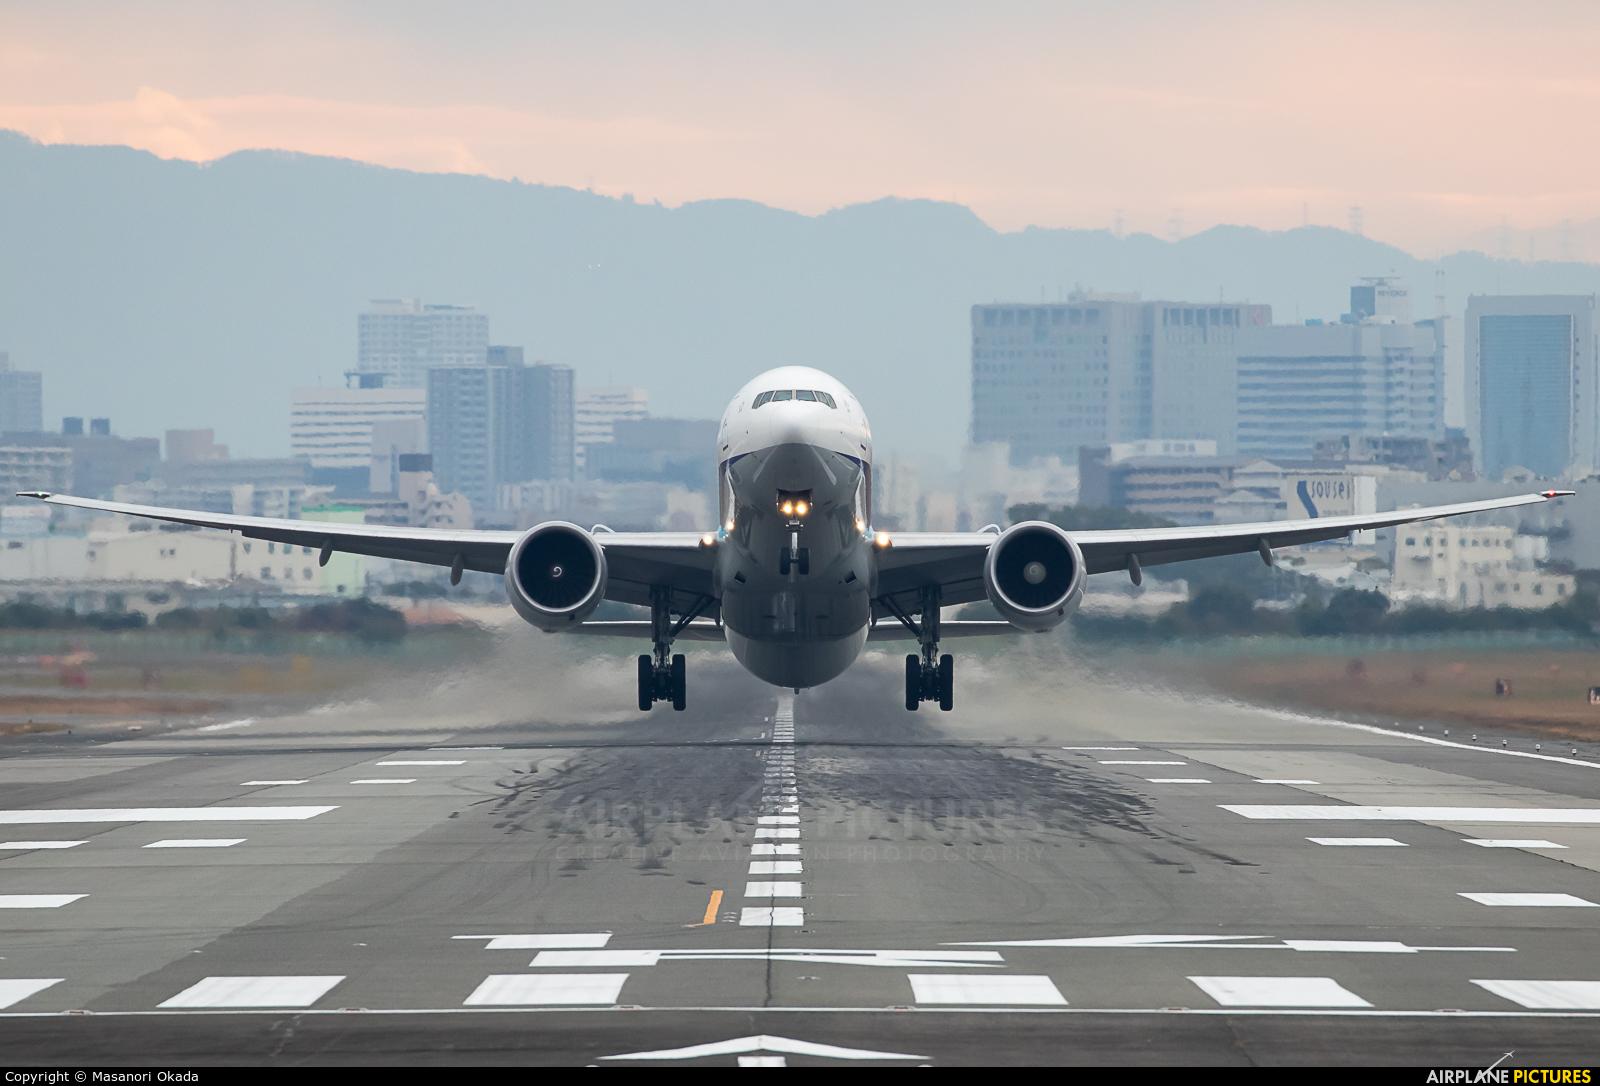 ANA - All Nippon Airways JA779A aircraft at Osaka - Itami Intl